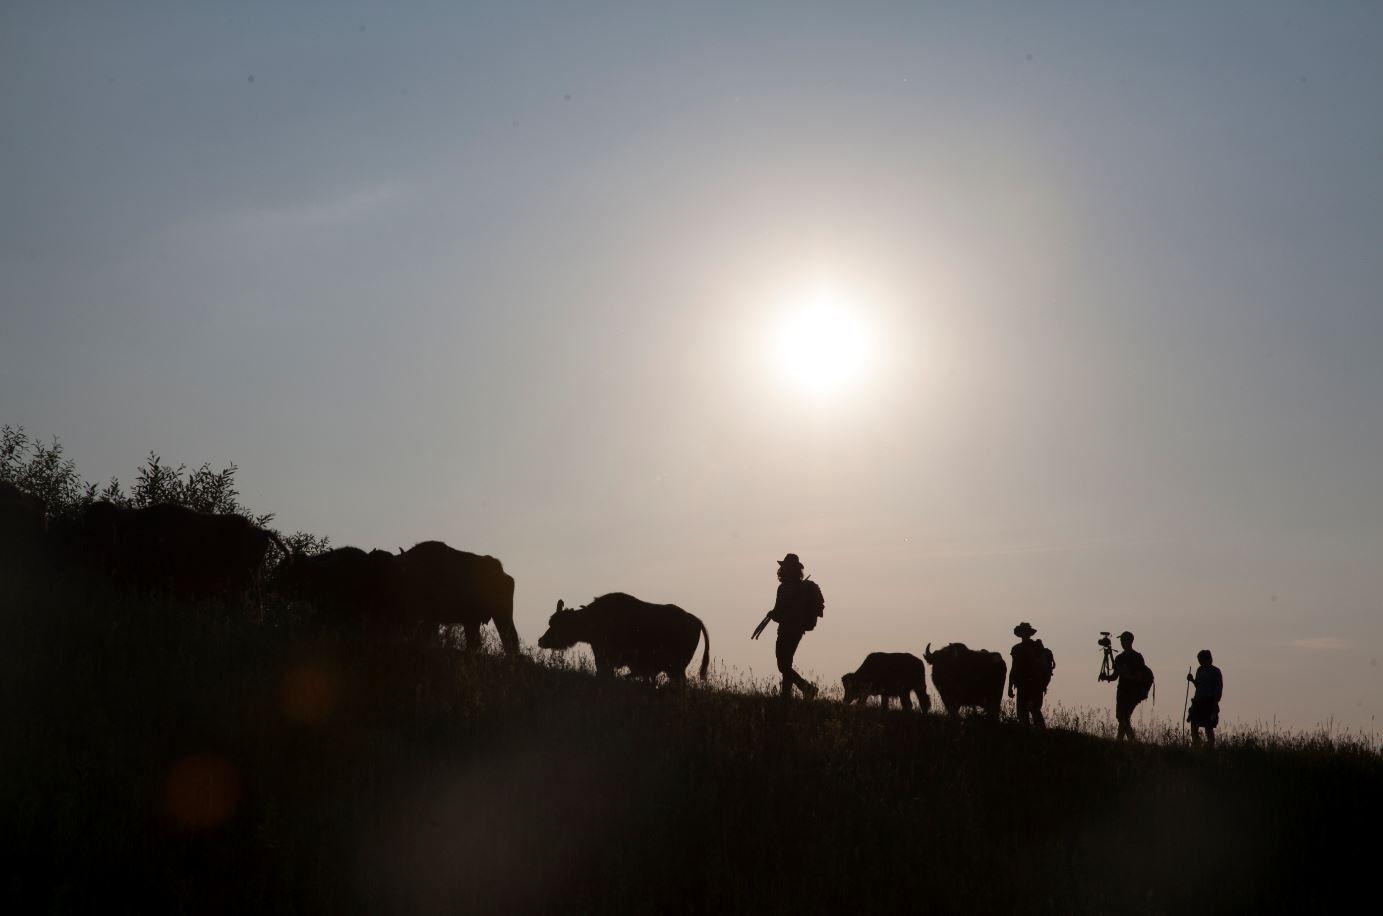 «Май далеко — май добре». Як за гроші, зібрані на «Спільнокошті», зняти кіно про любов, буйволів та свободу